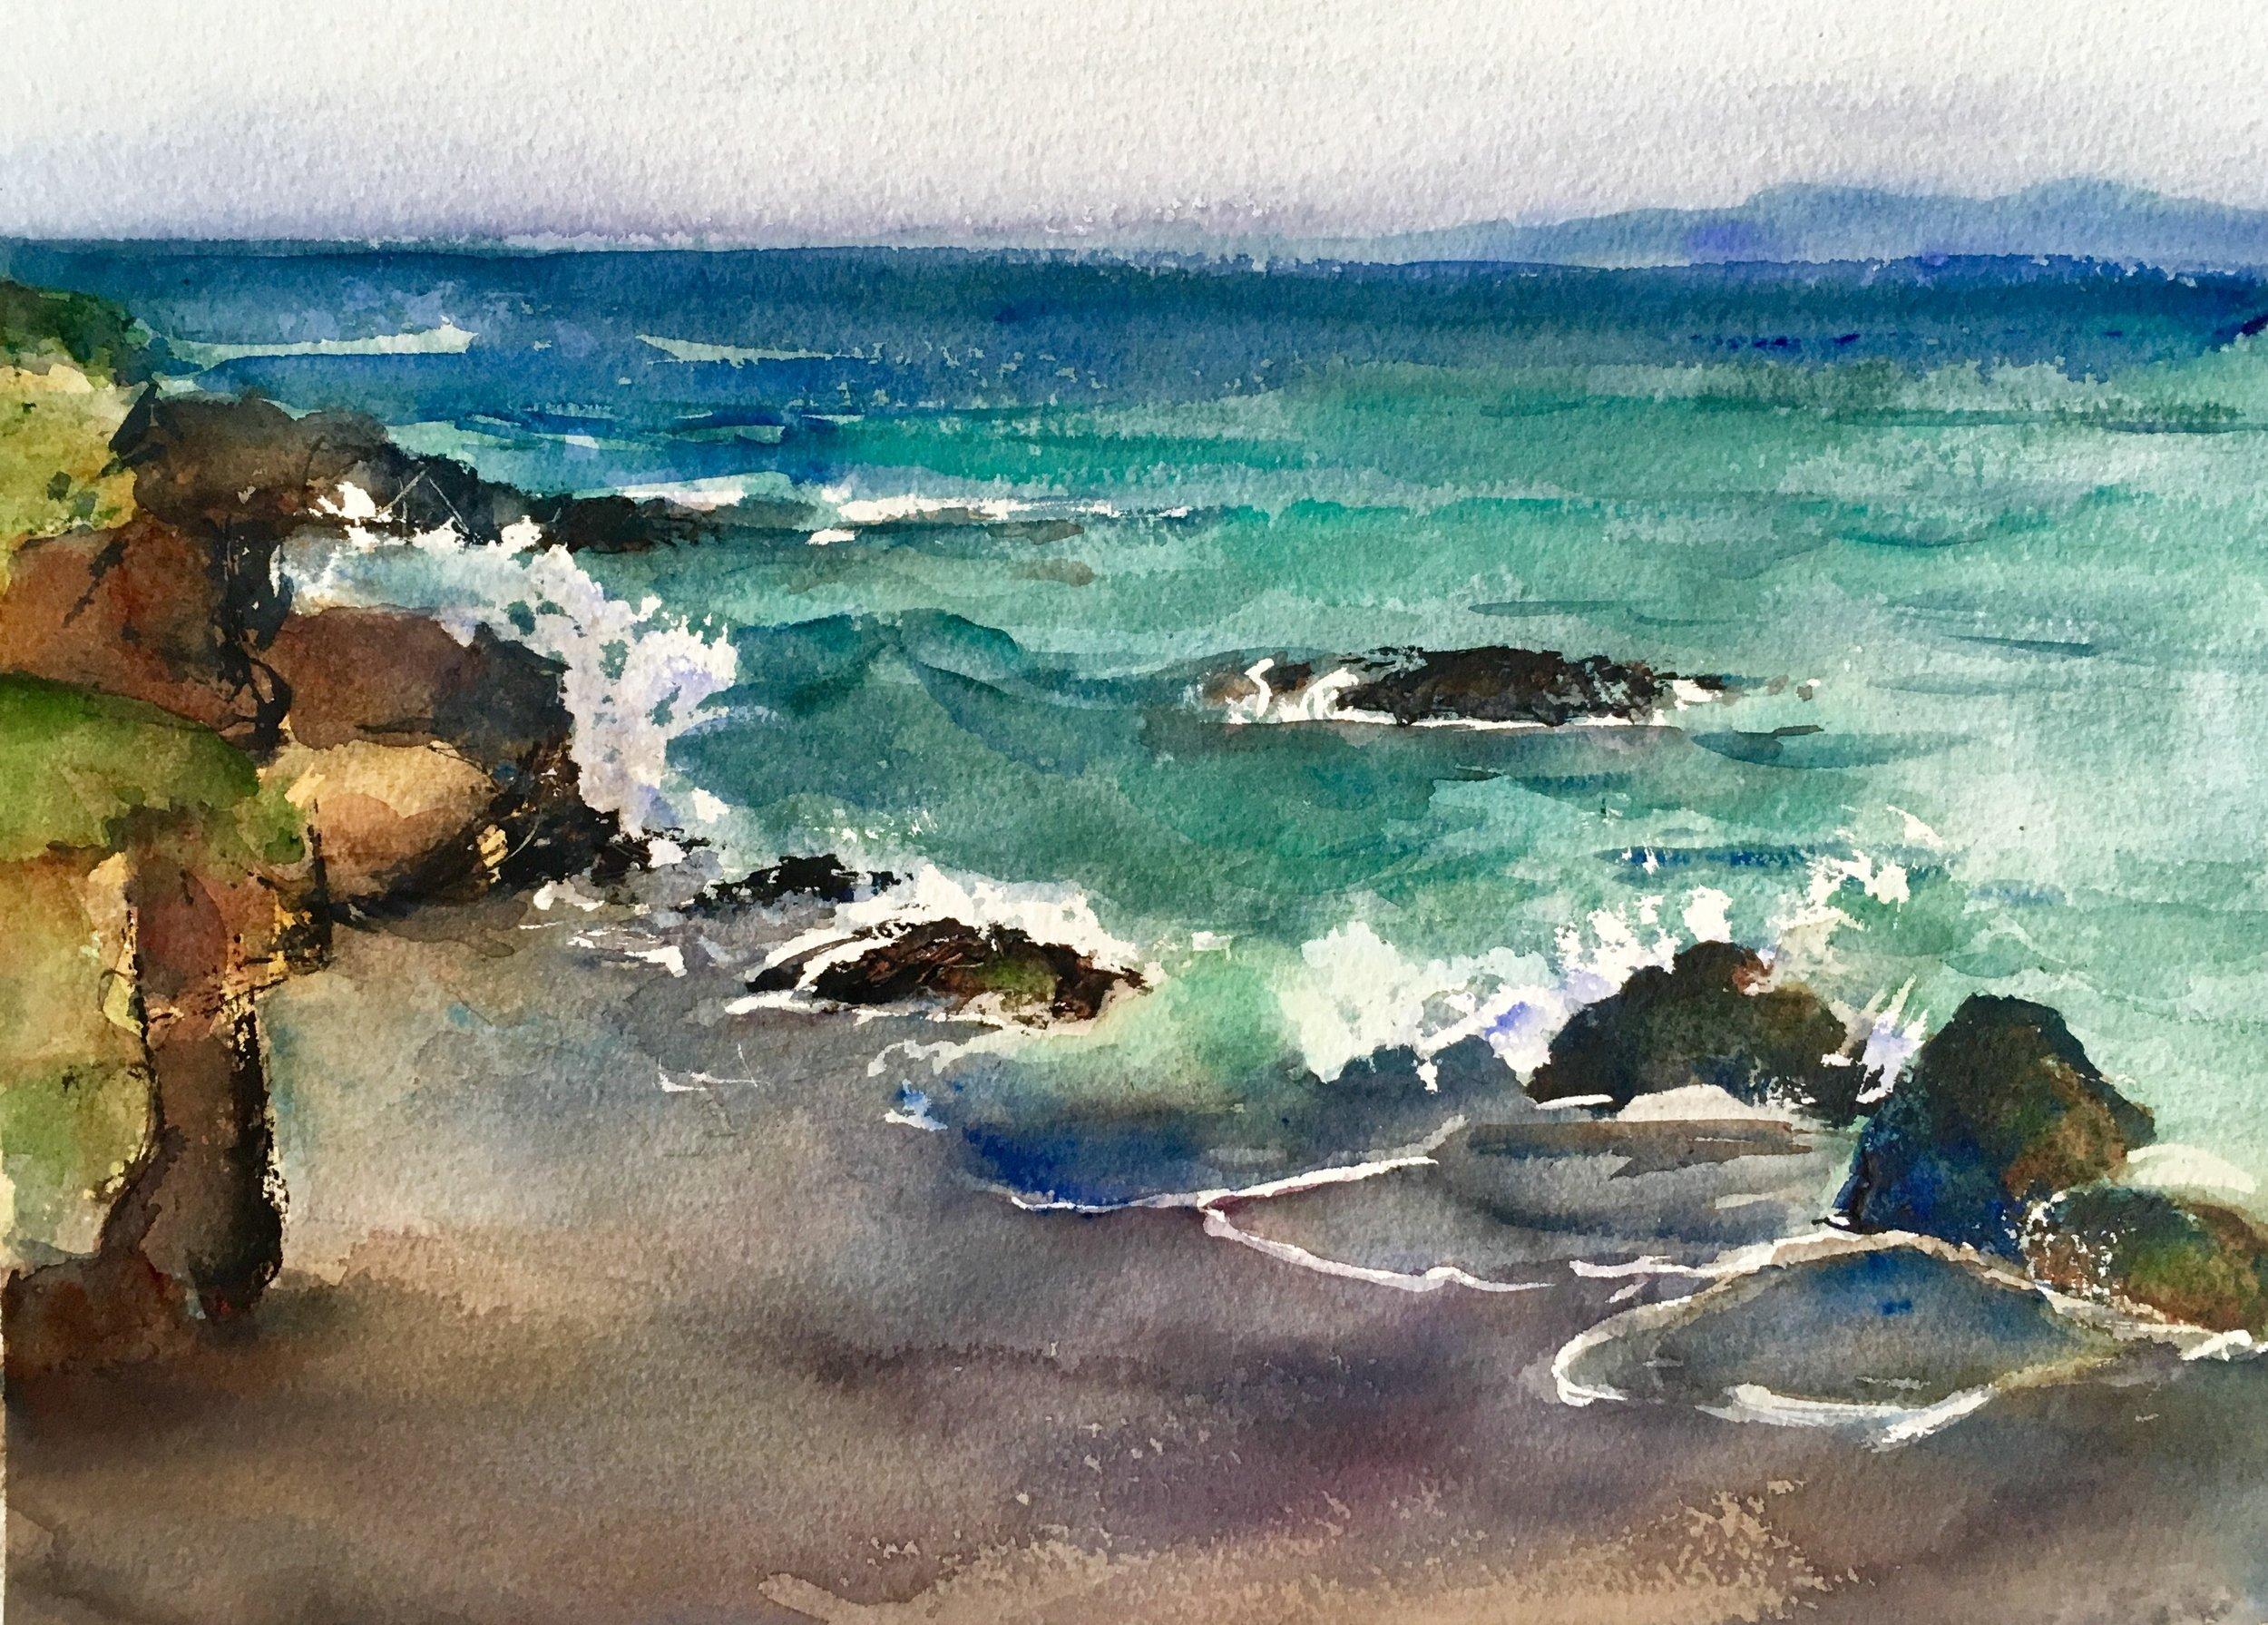 McKerricher Beach